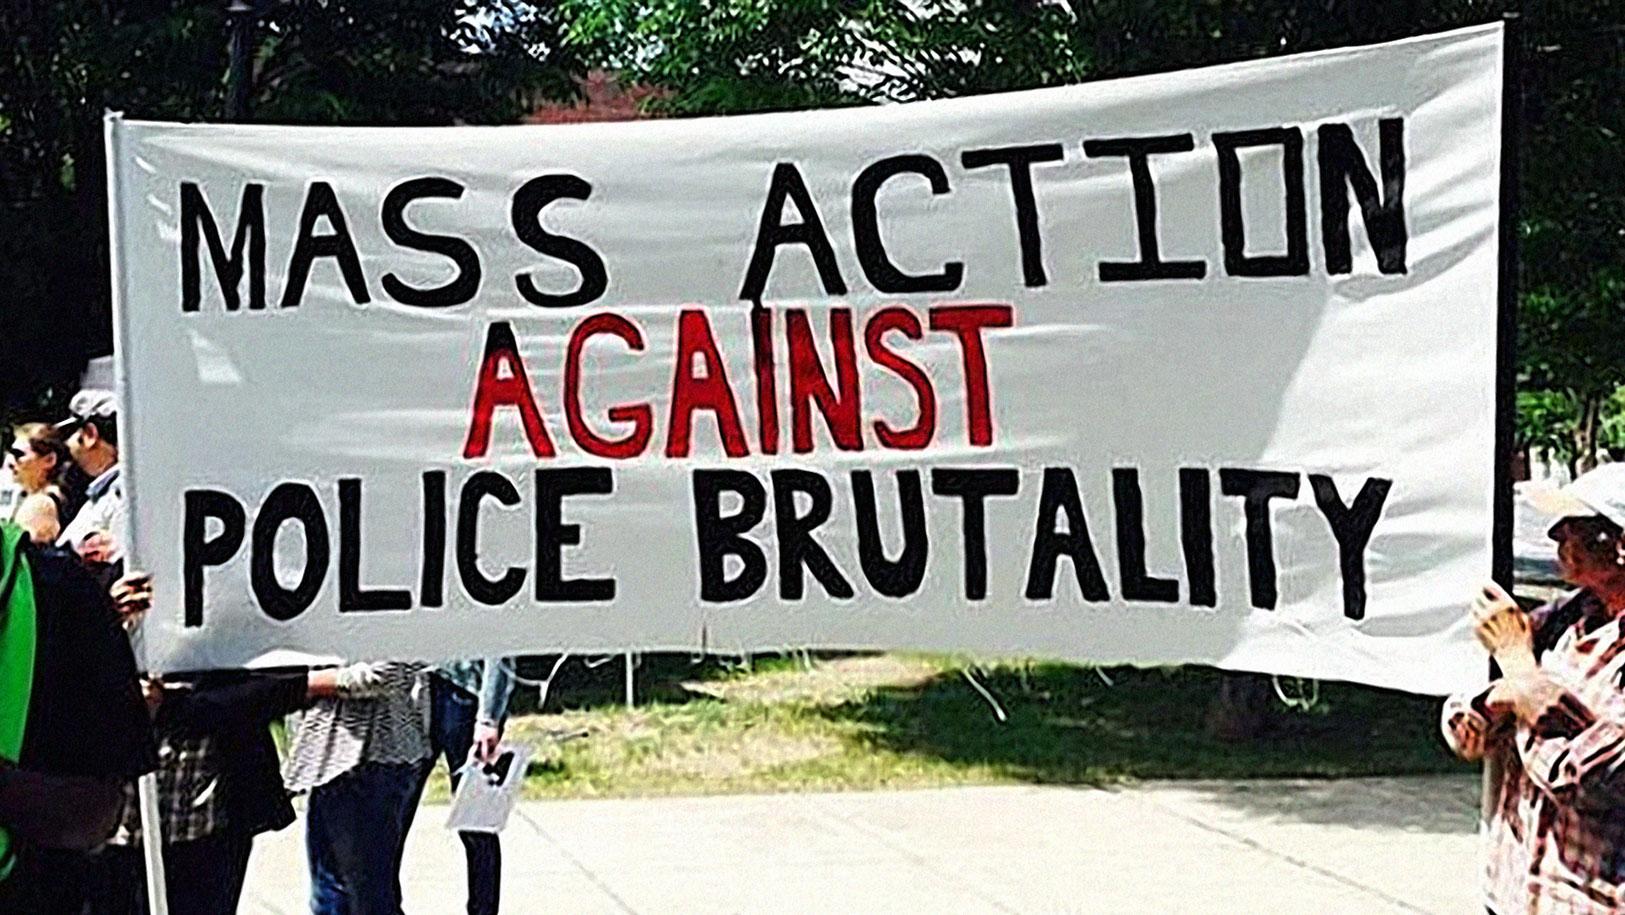 Protestors at a march in Roxbury, MA. Photo: CBS News